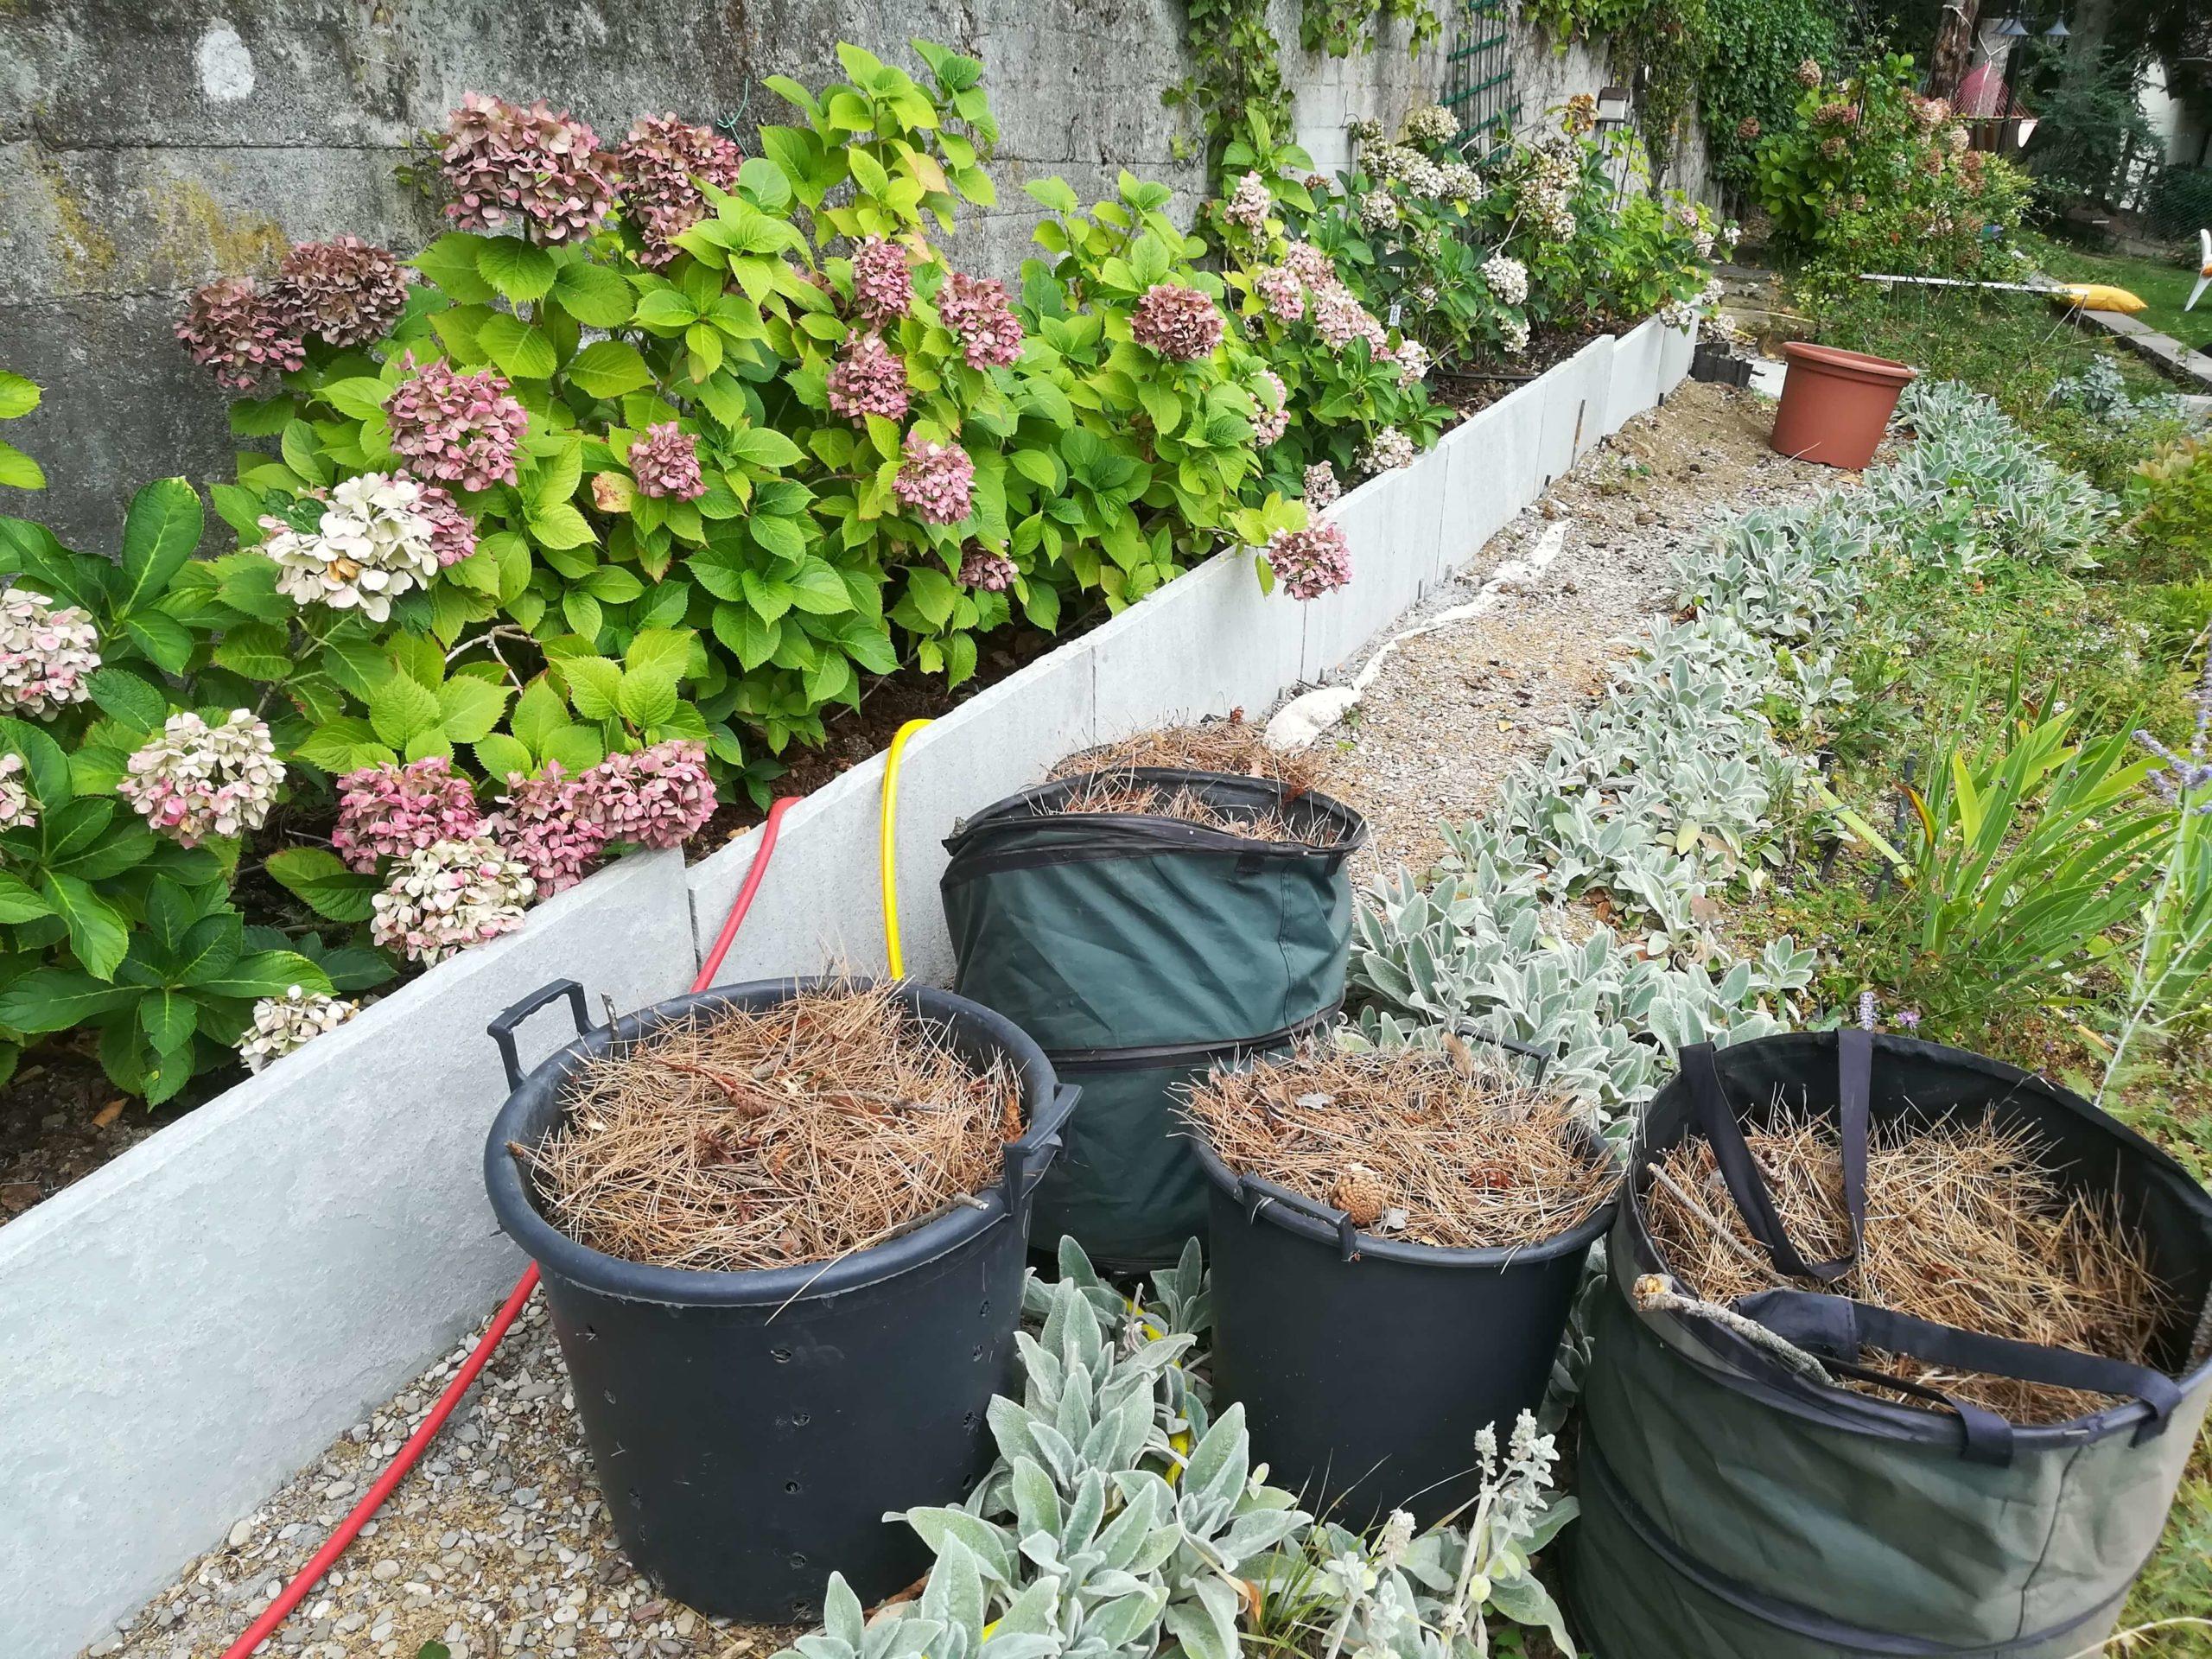 La pacciamatura con aghi di pino per proteggere le nostre ortensie dal caldo e dal gelo. post thumbnail